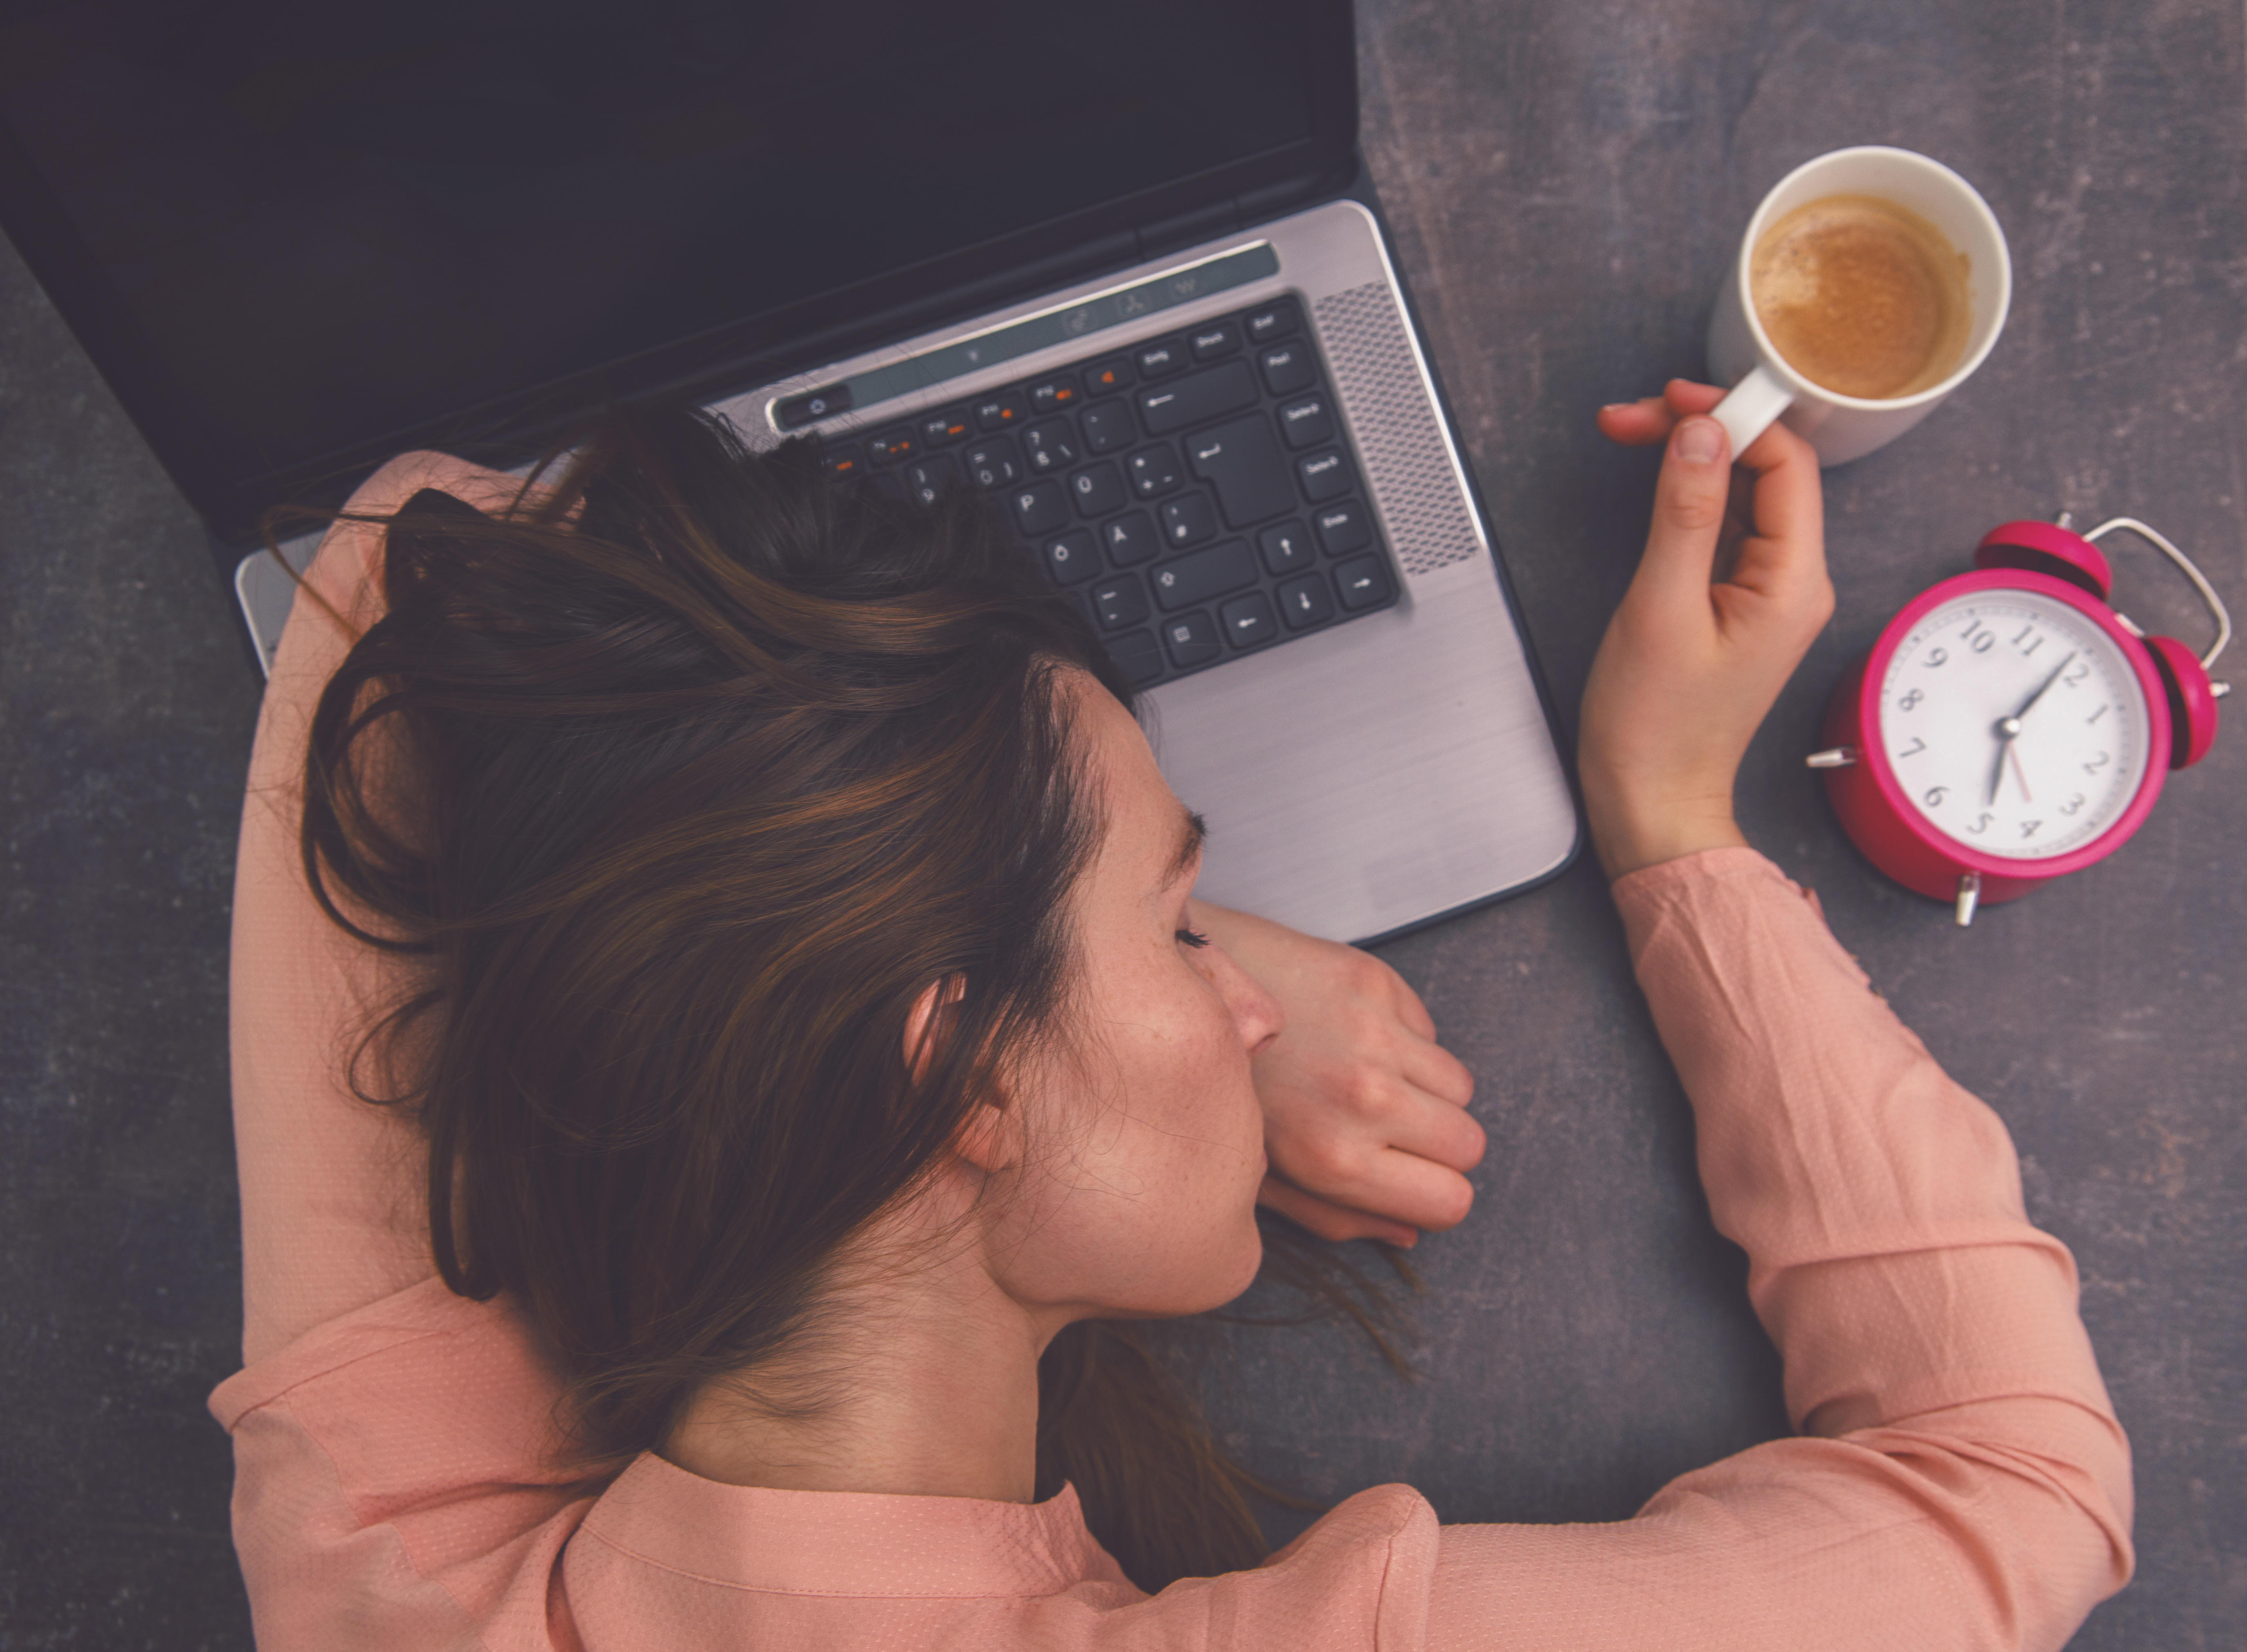 mladá žena so šálkou kávy v ruke spí na notebooku, vedľa nej je budík ukazujúci päť hodín